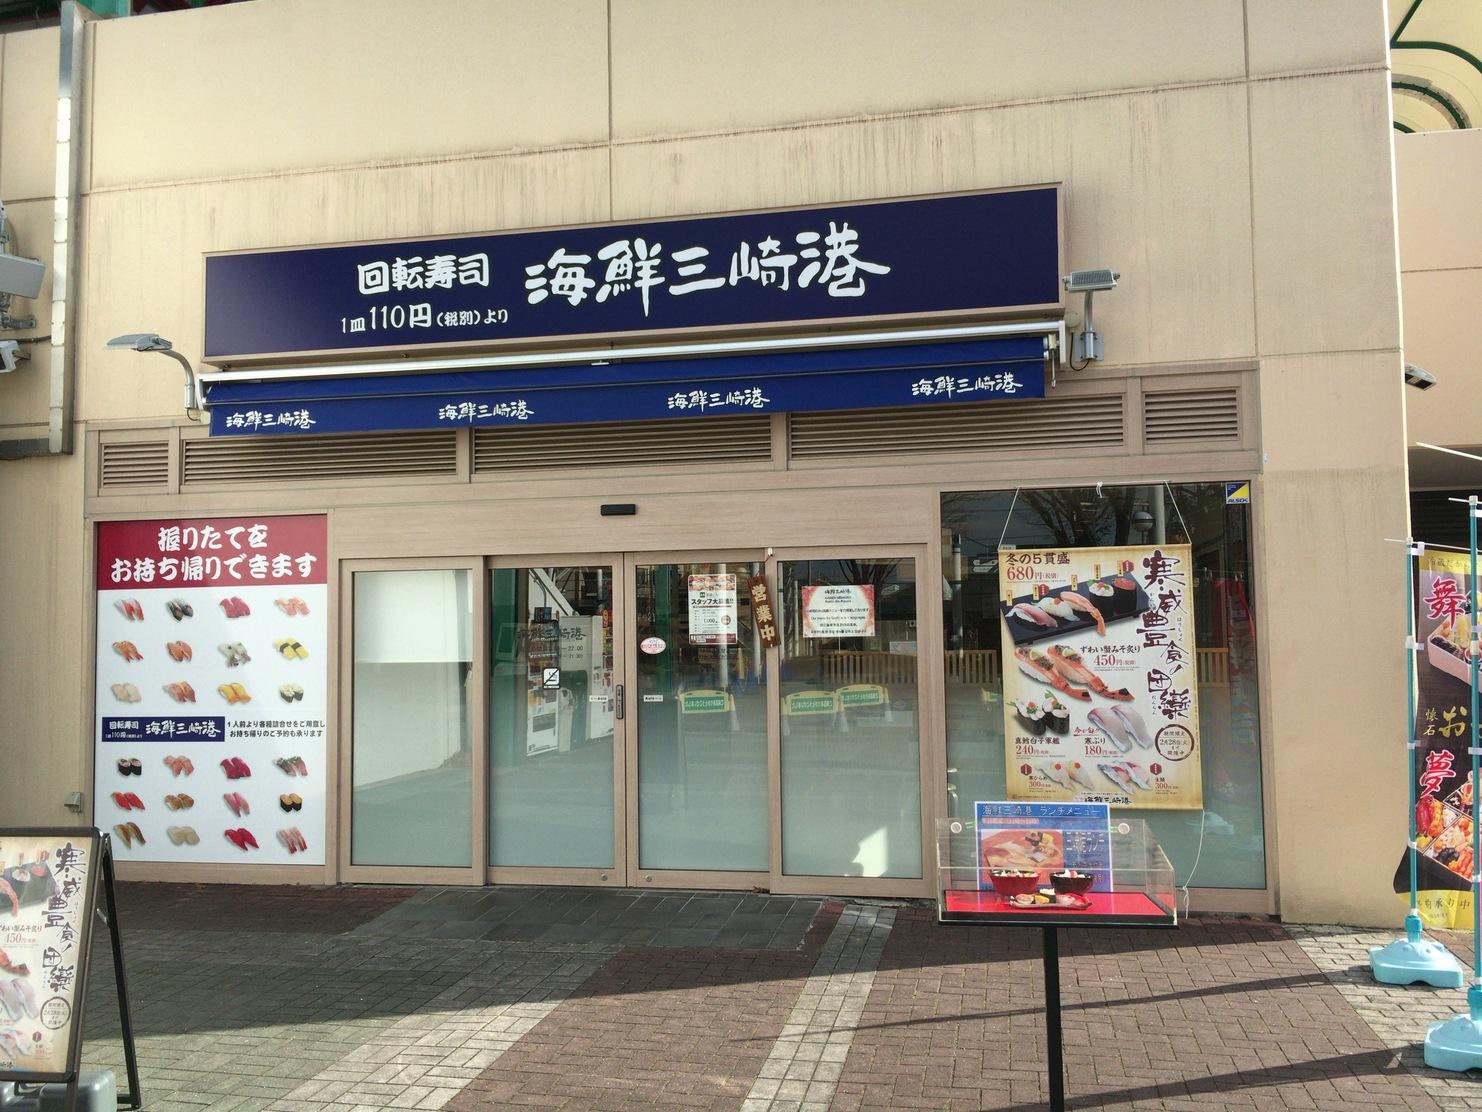 海鮮三崎港 ニッケコルトンプラザ店